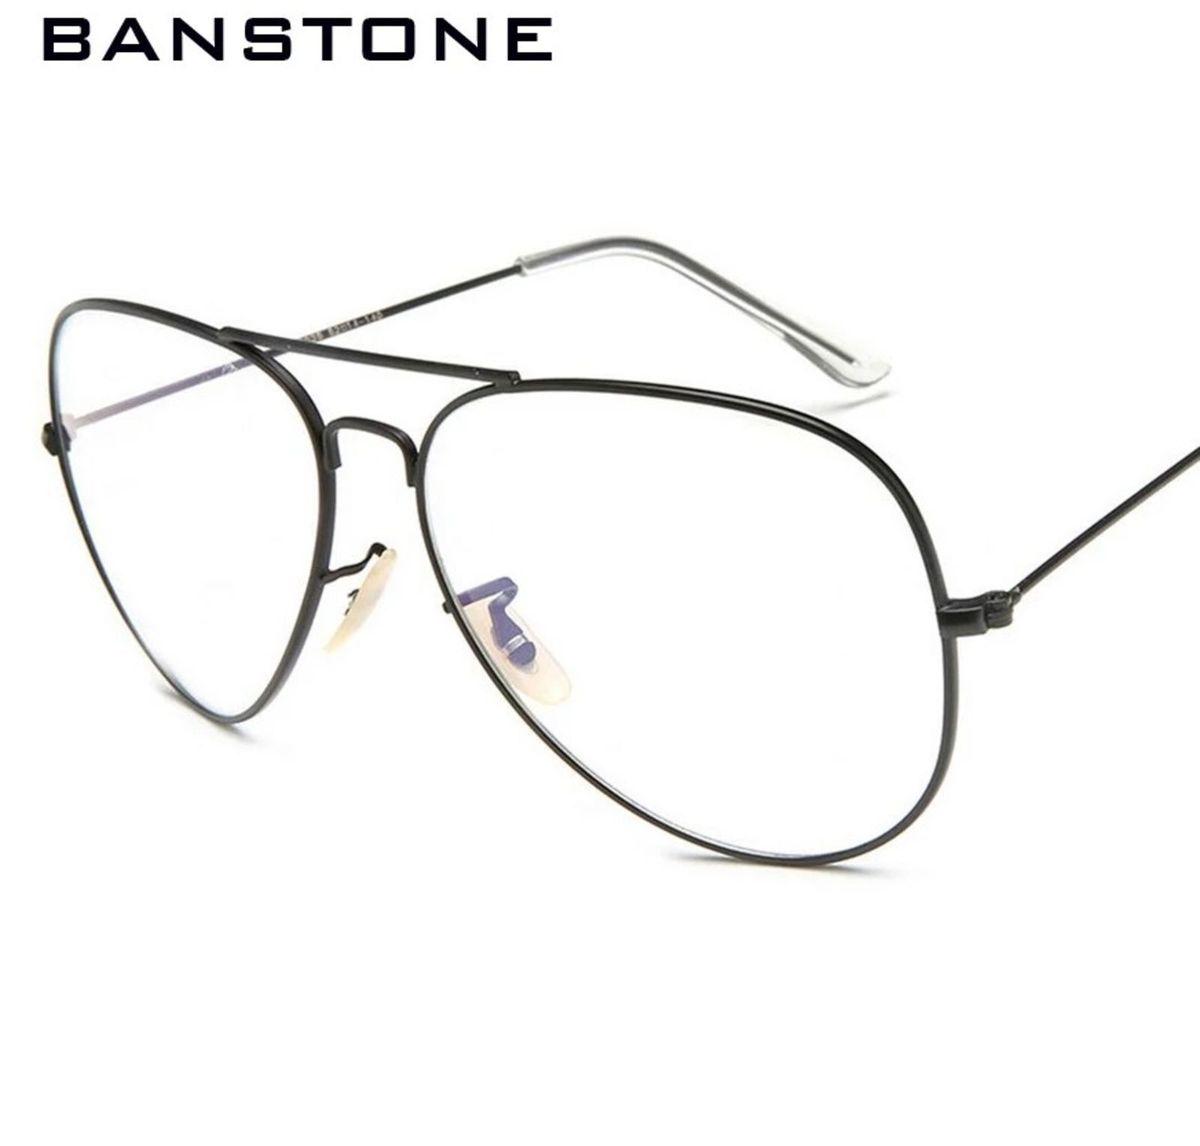 a74e6367d9caa Armação Óculos Grau Feminino Aviador   Óculos Feminino Banstone ...